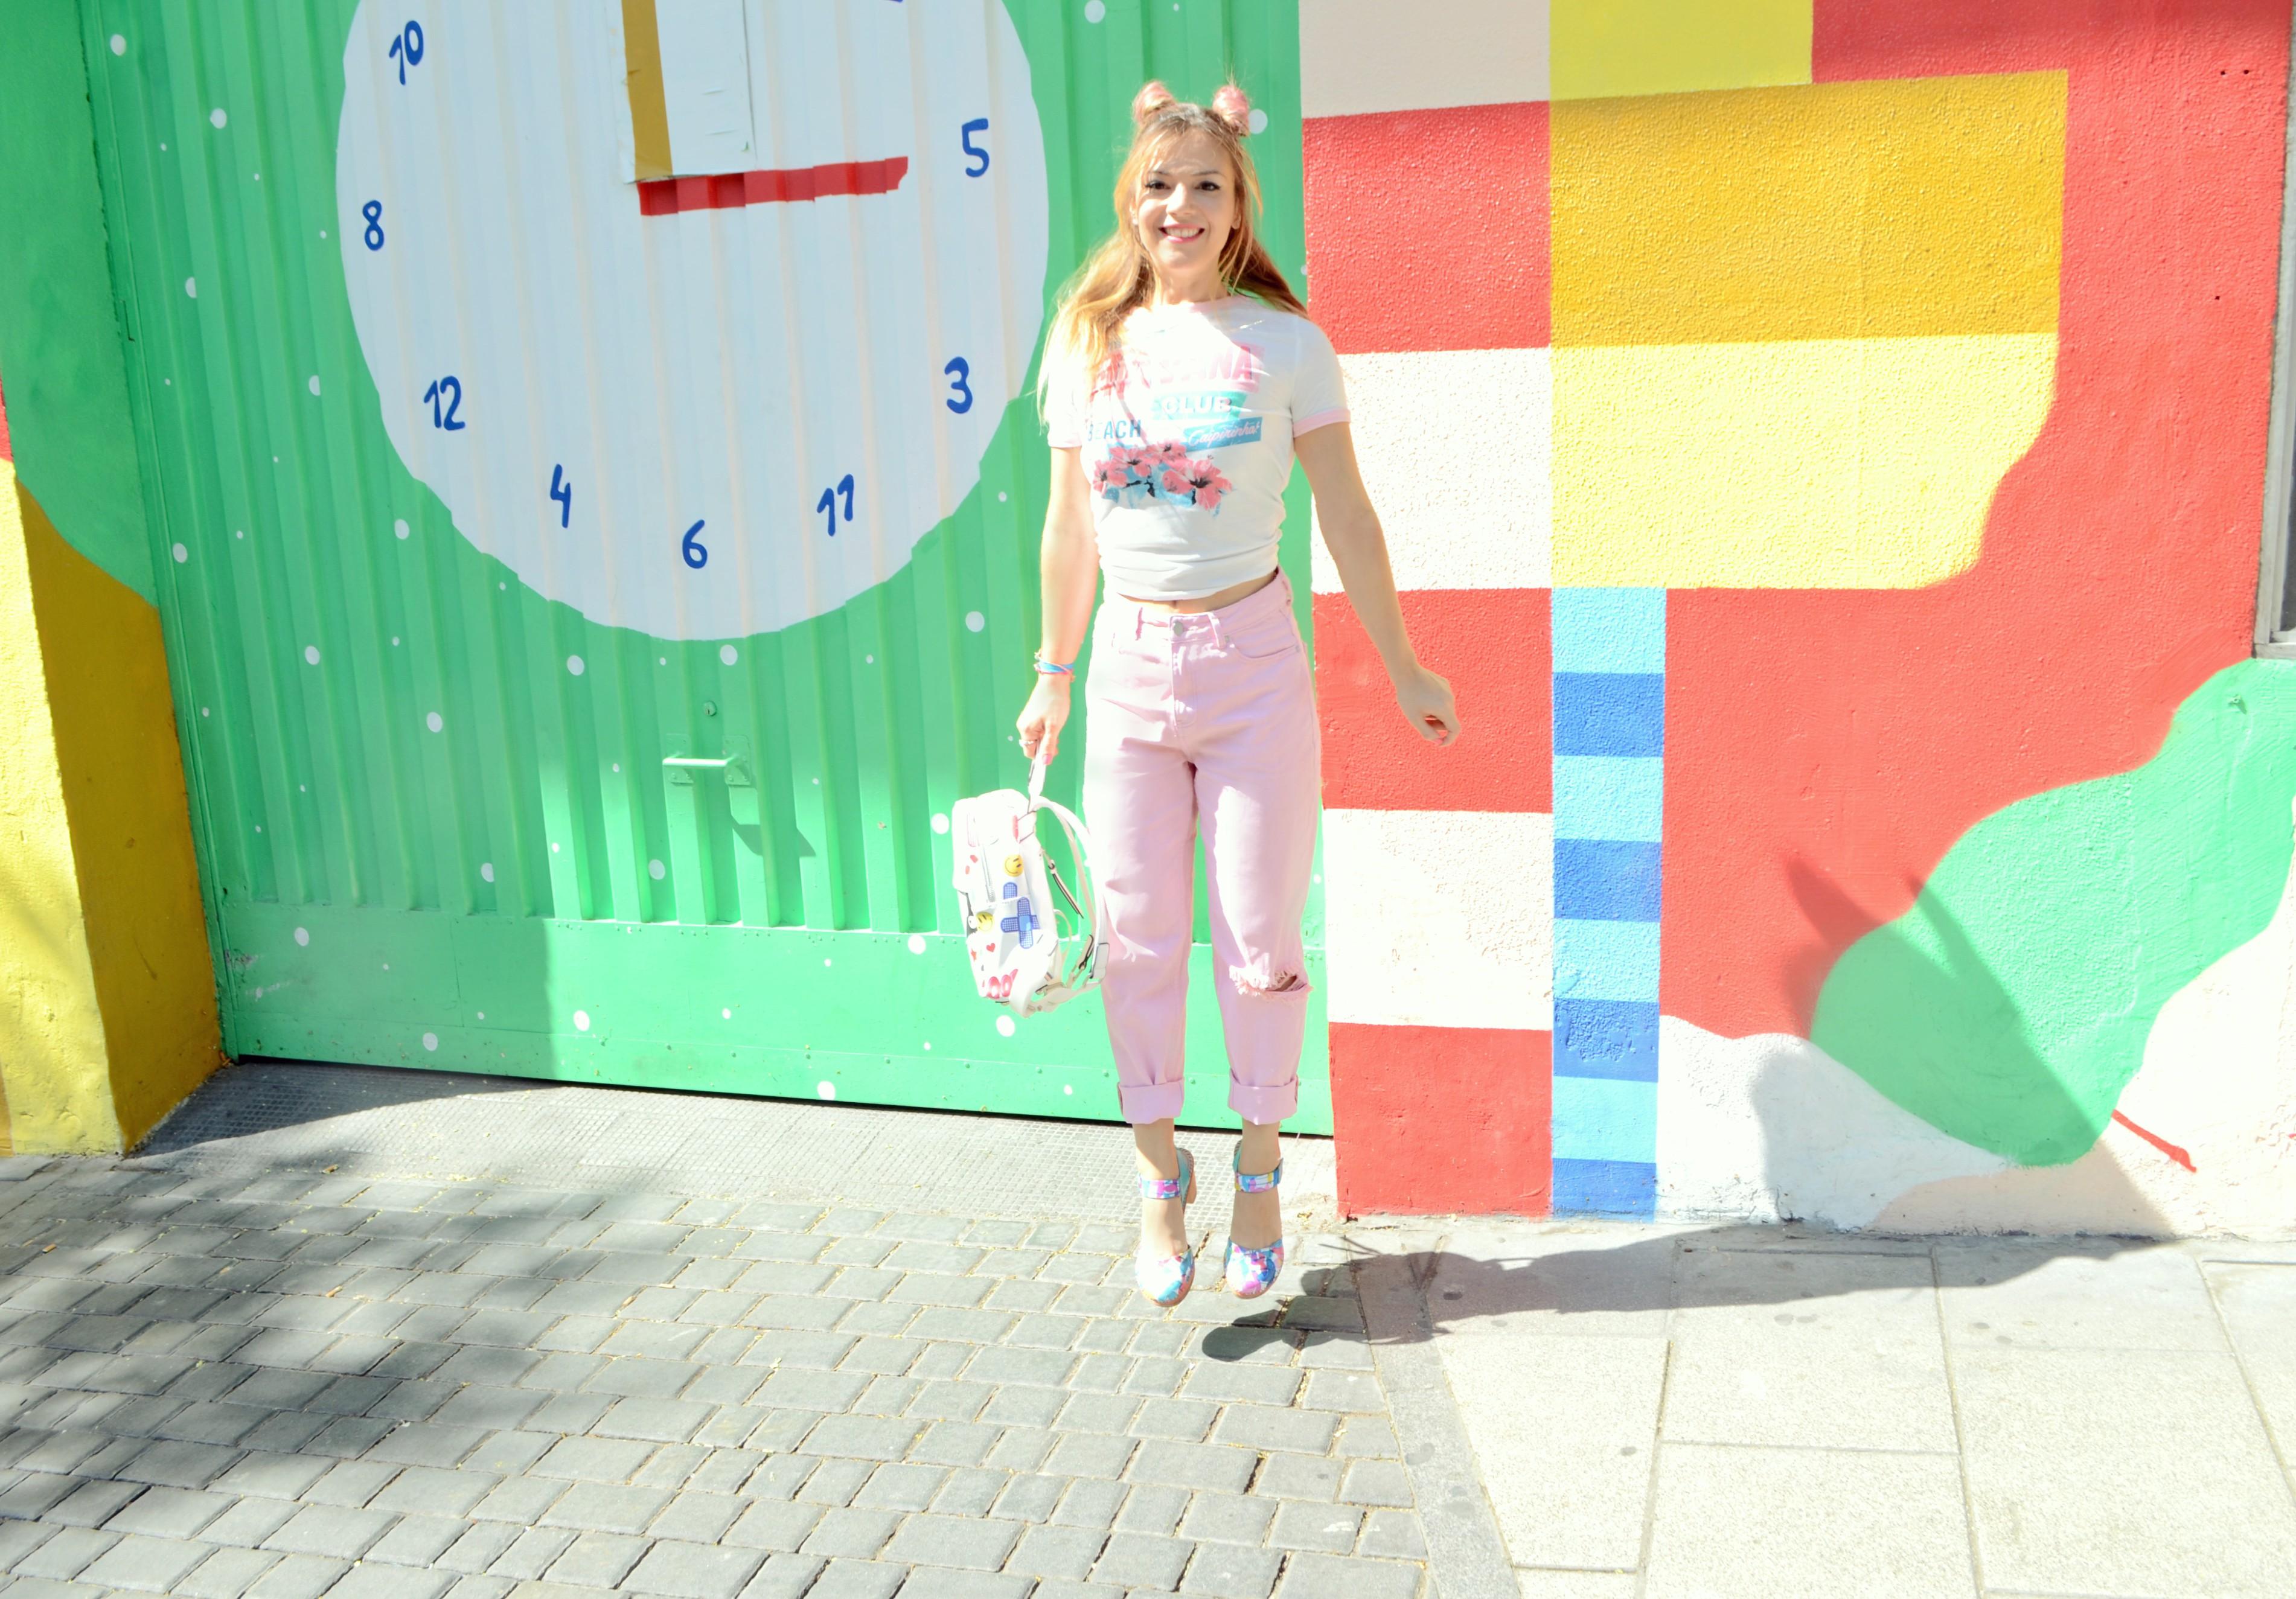 Madrid-street-style-ChicAdicta-influencer-Chic-Adicta-blog-de-moda-vaqueros-rosa-pink-look-retro-shoes-mochilas-PiensaenChic-Piensa-en-Chic